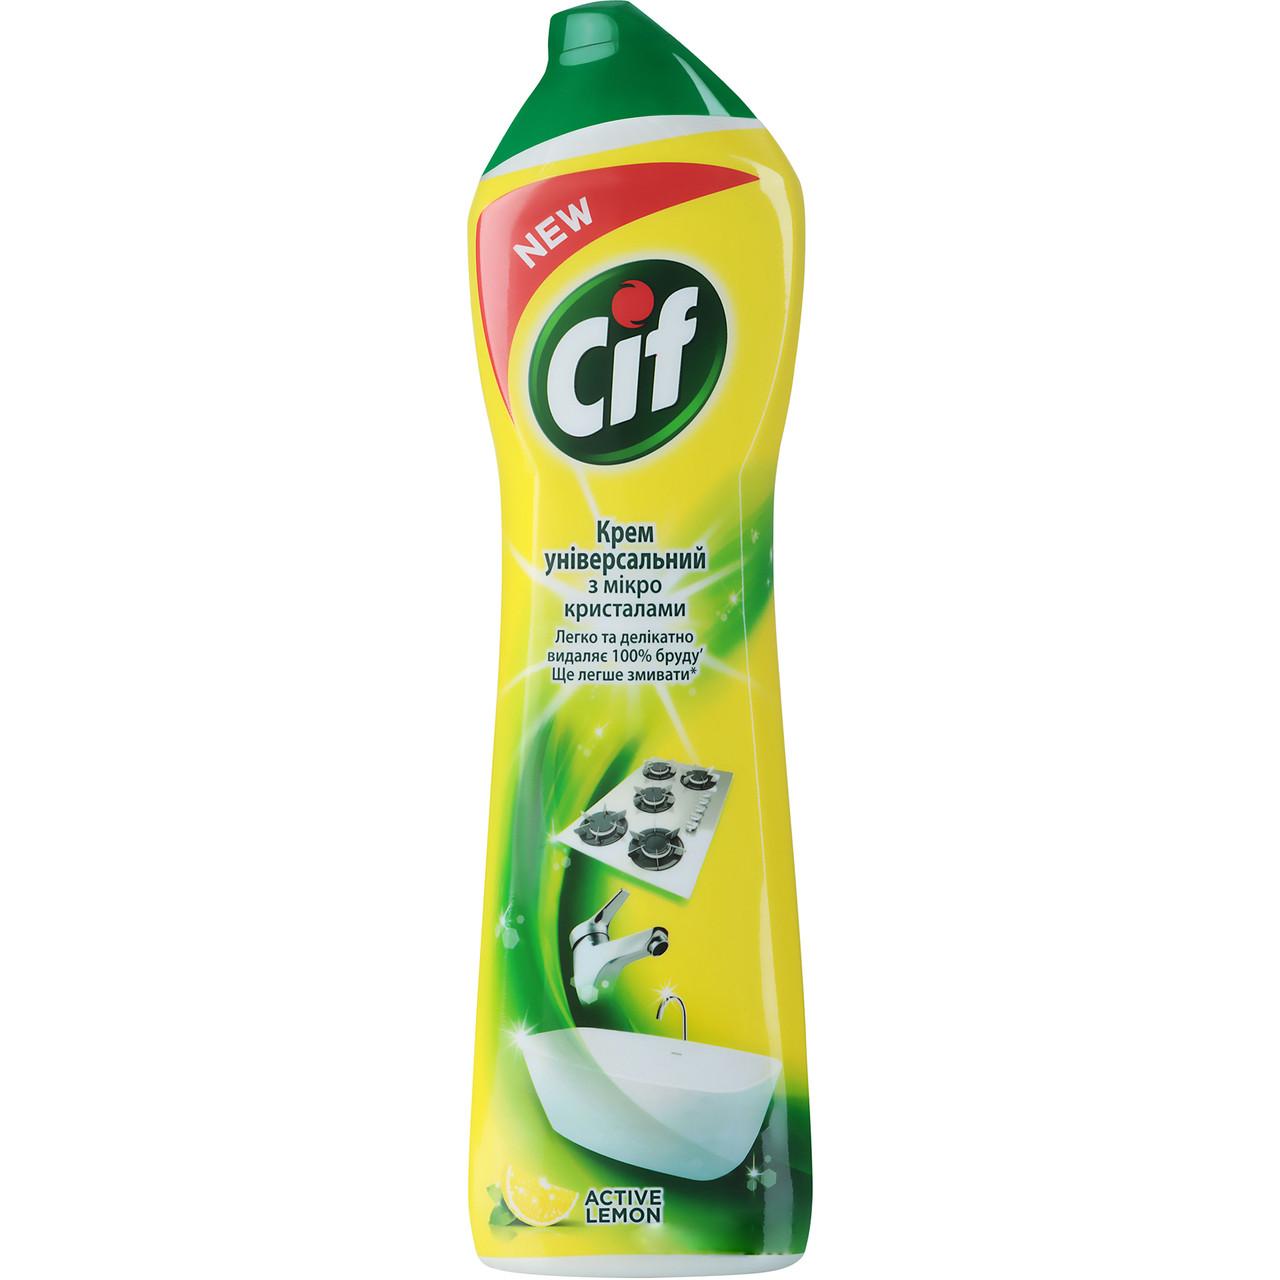 Крем для чистки Cif Актив Лимон 500 мл